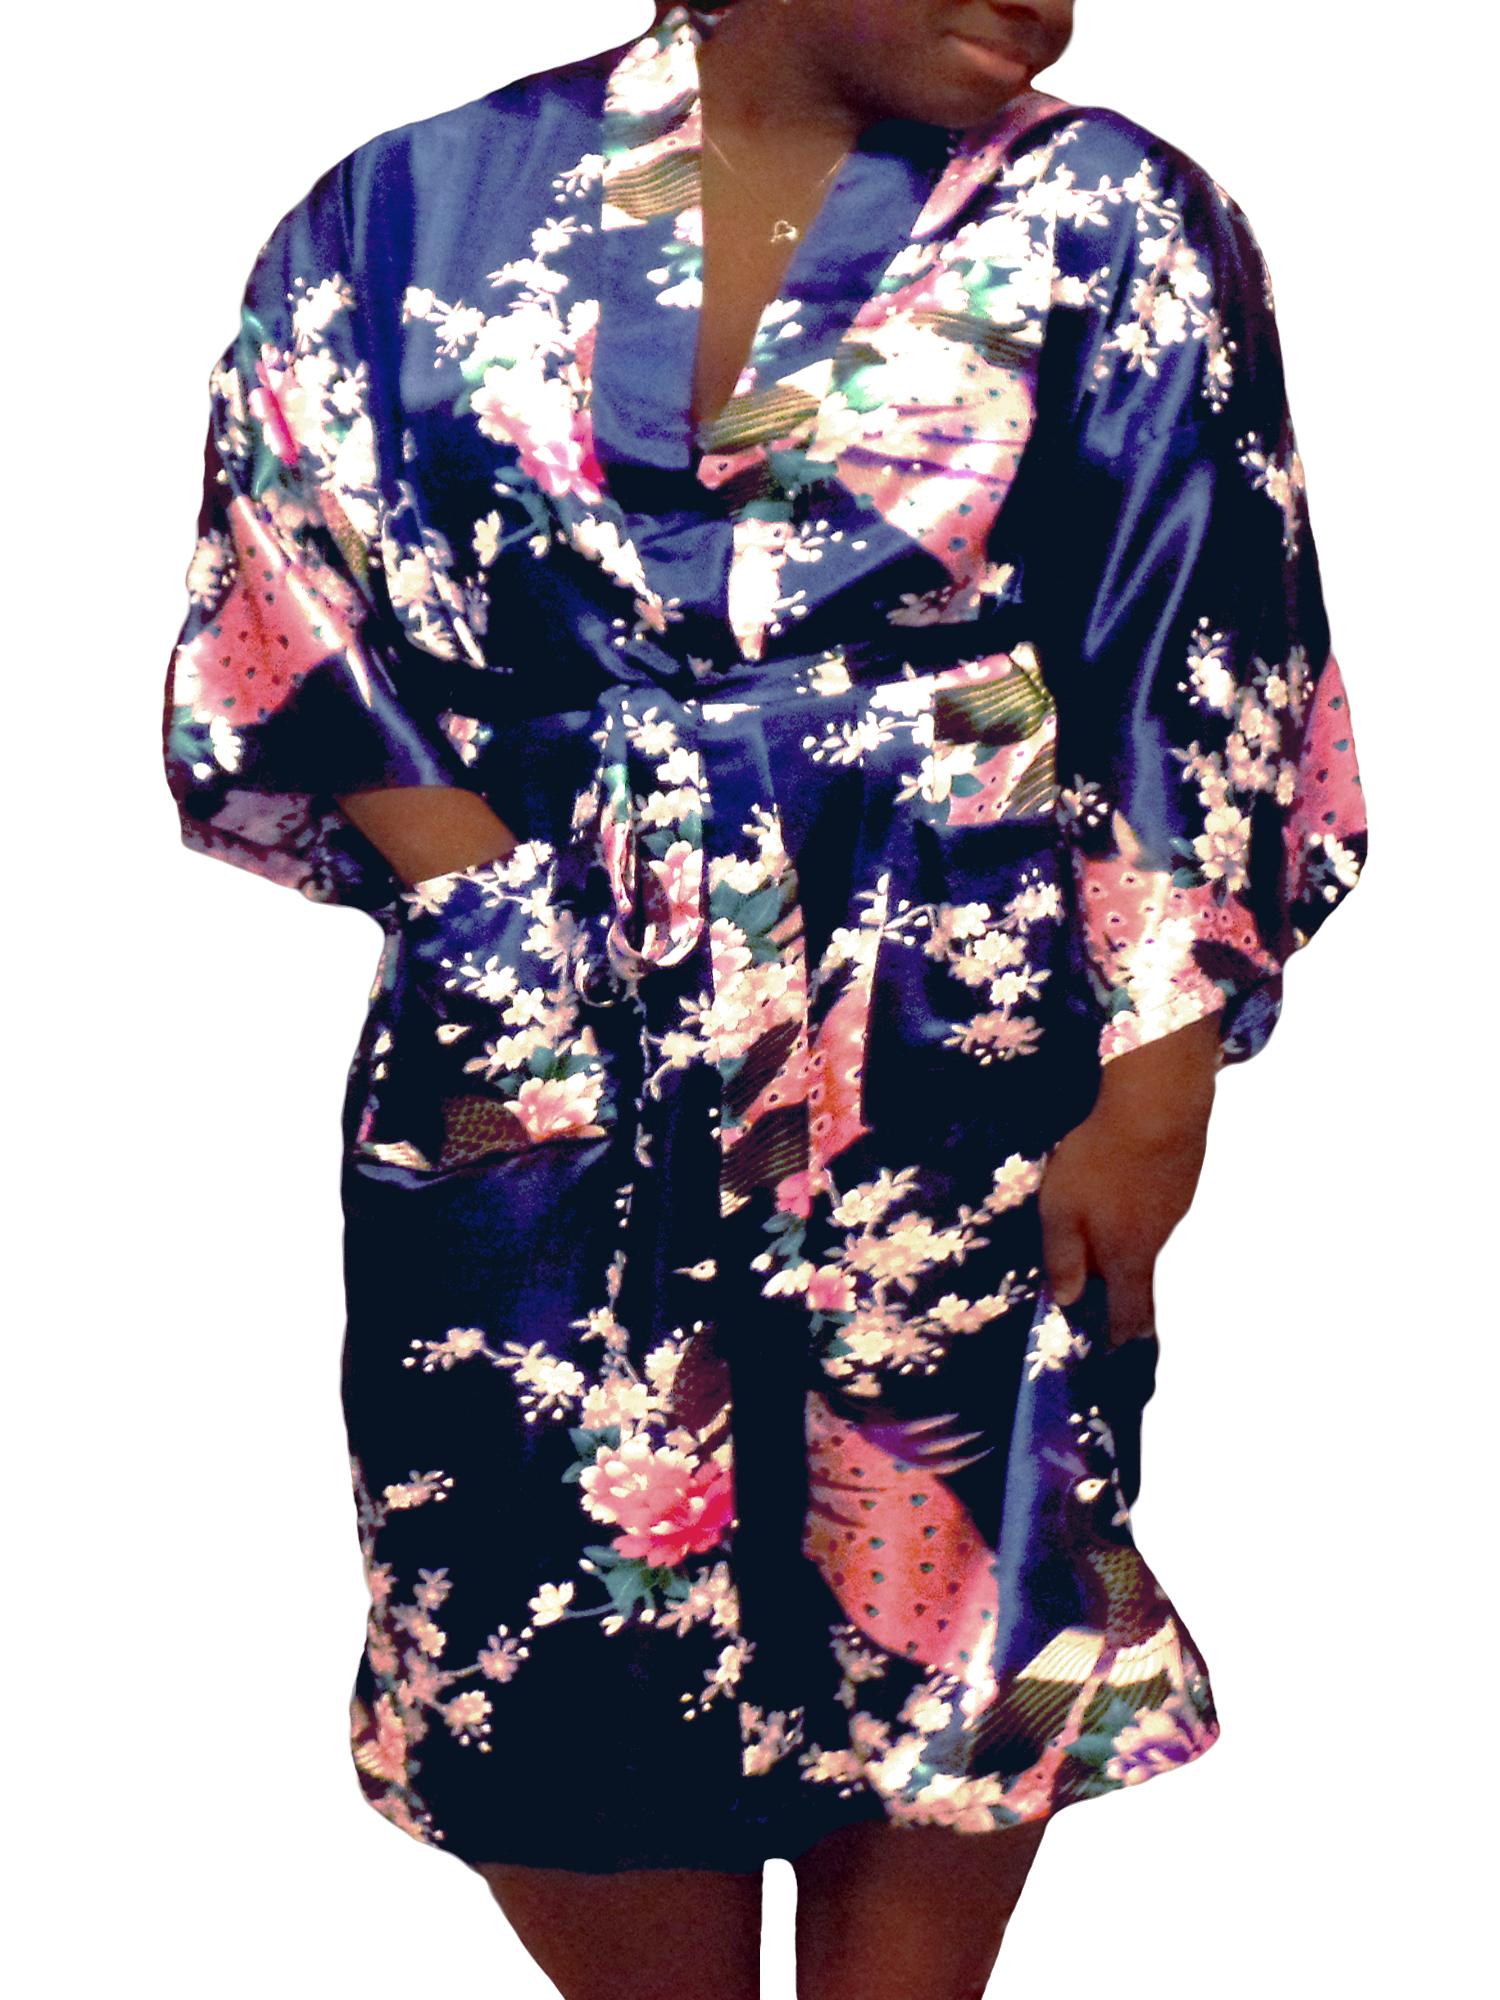 Floral Satin Womens Plus Size Robes, Sizes 20-38, Lightweight Sleepwear Robe Kimono, Knee Length